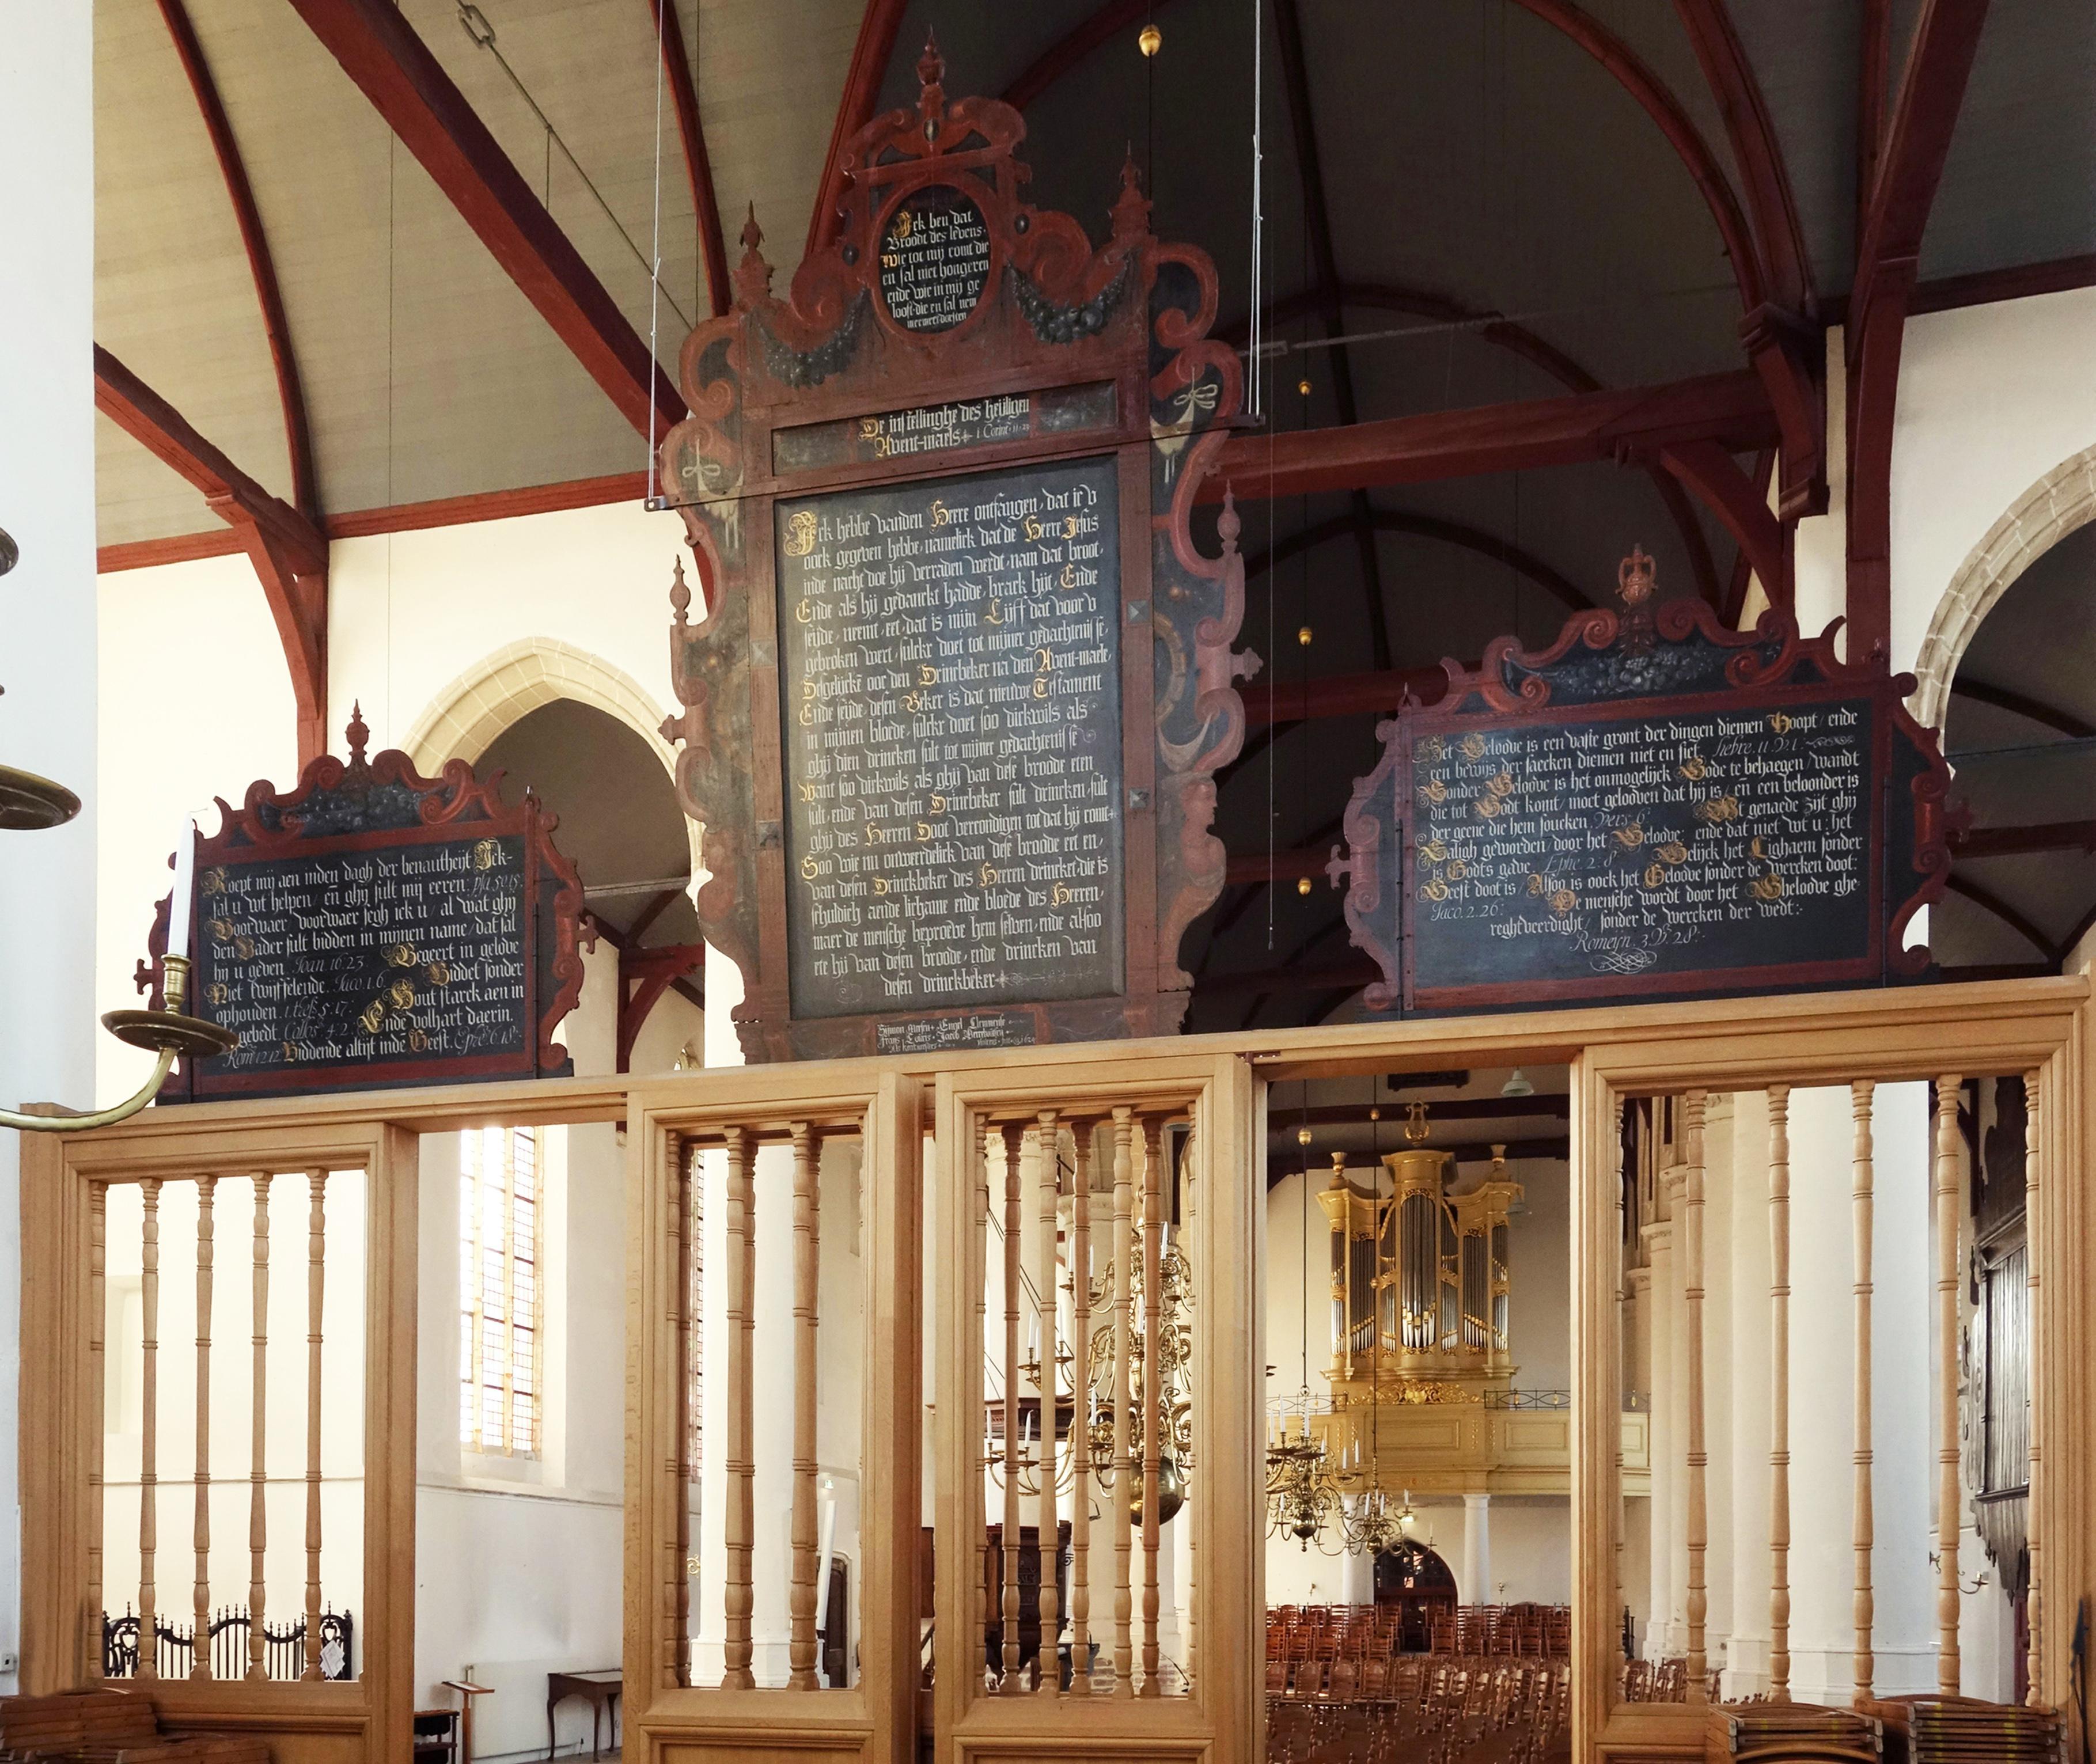 Vier historische tekstborden in Oude Jeroenskerk gerestaureerd